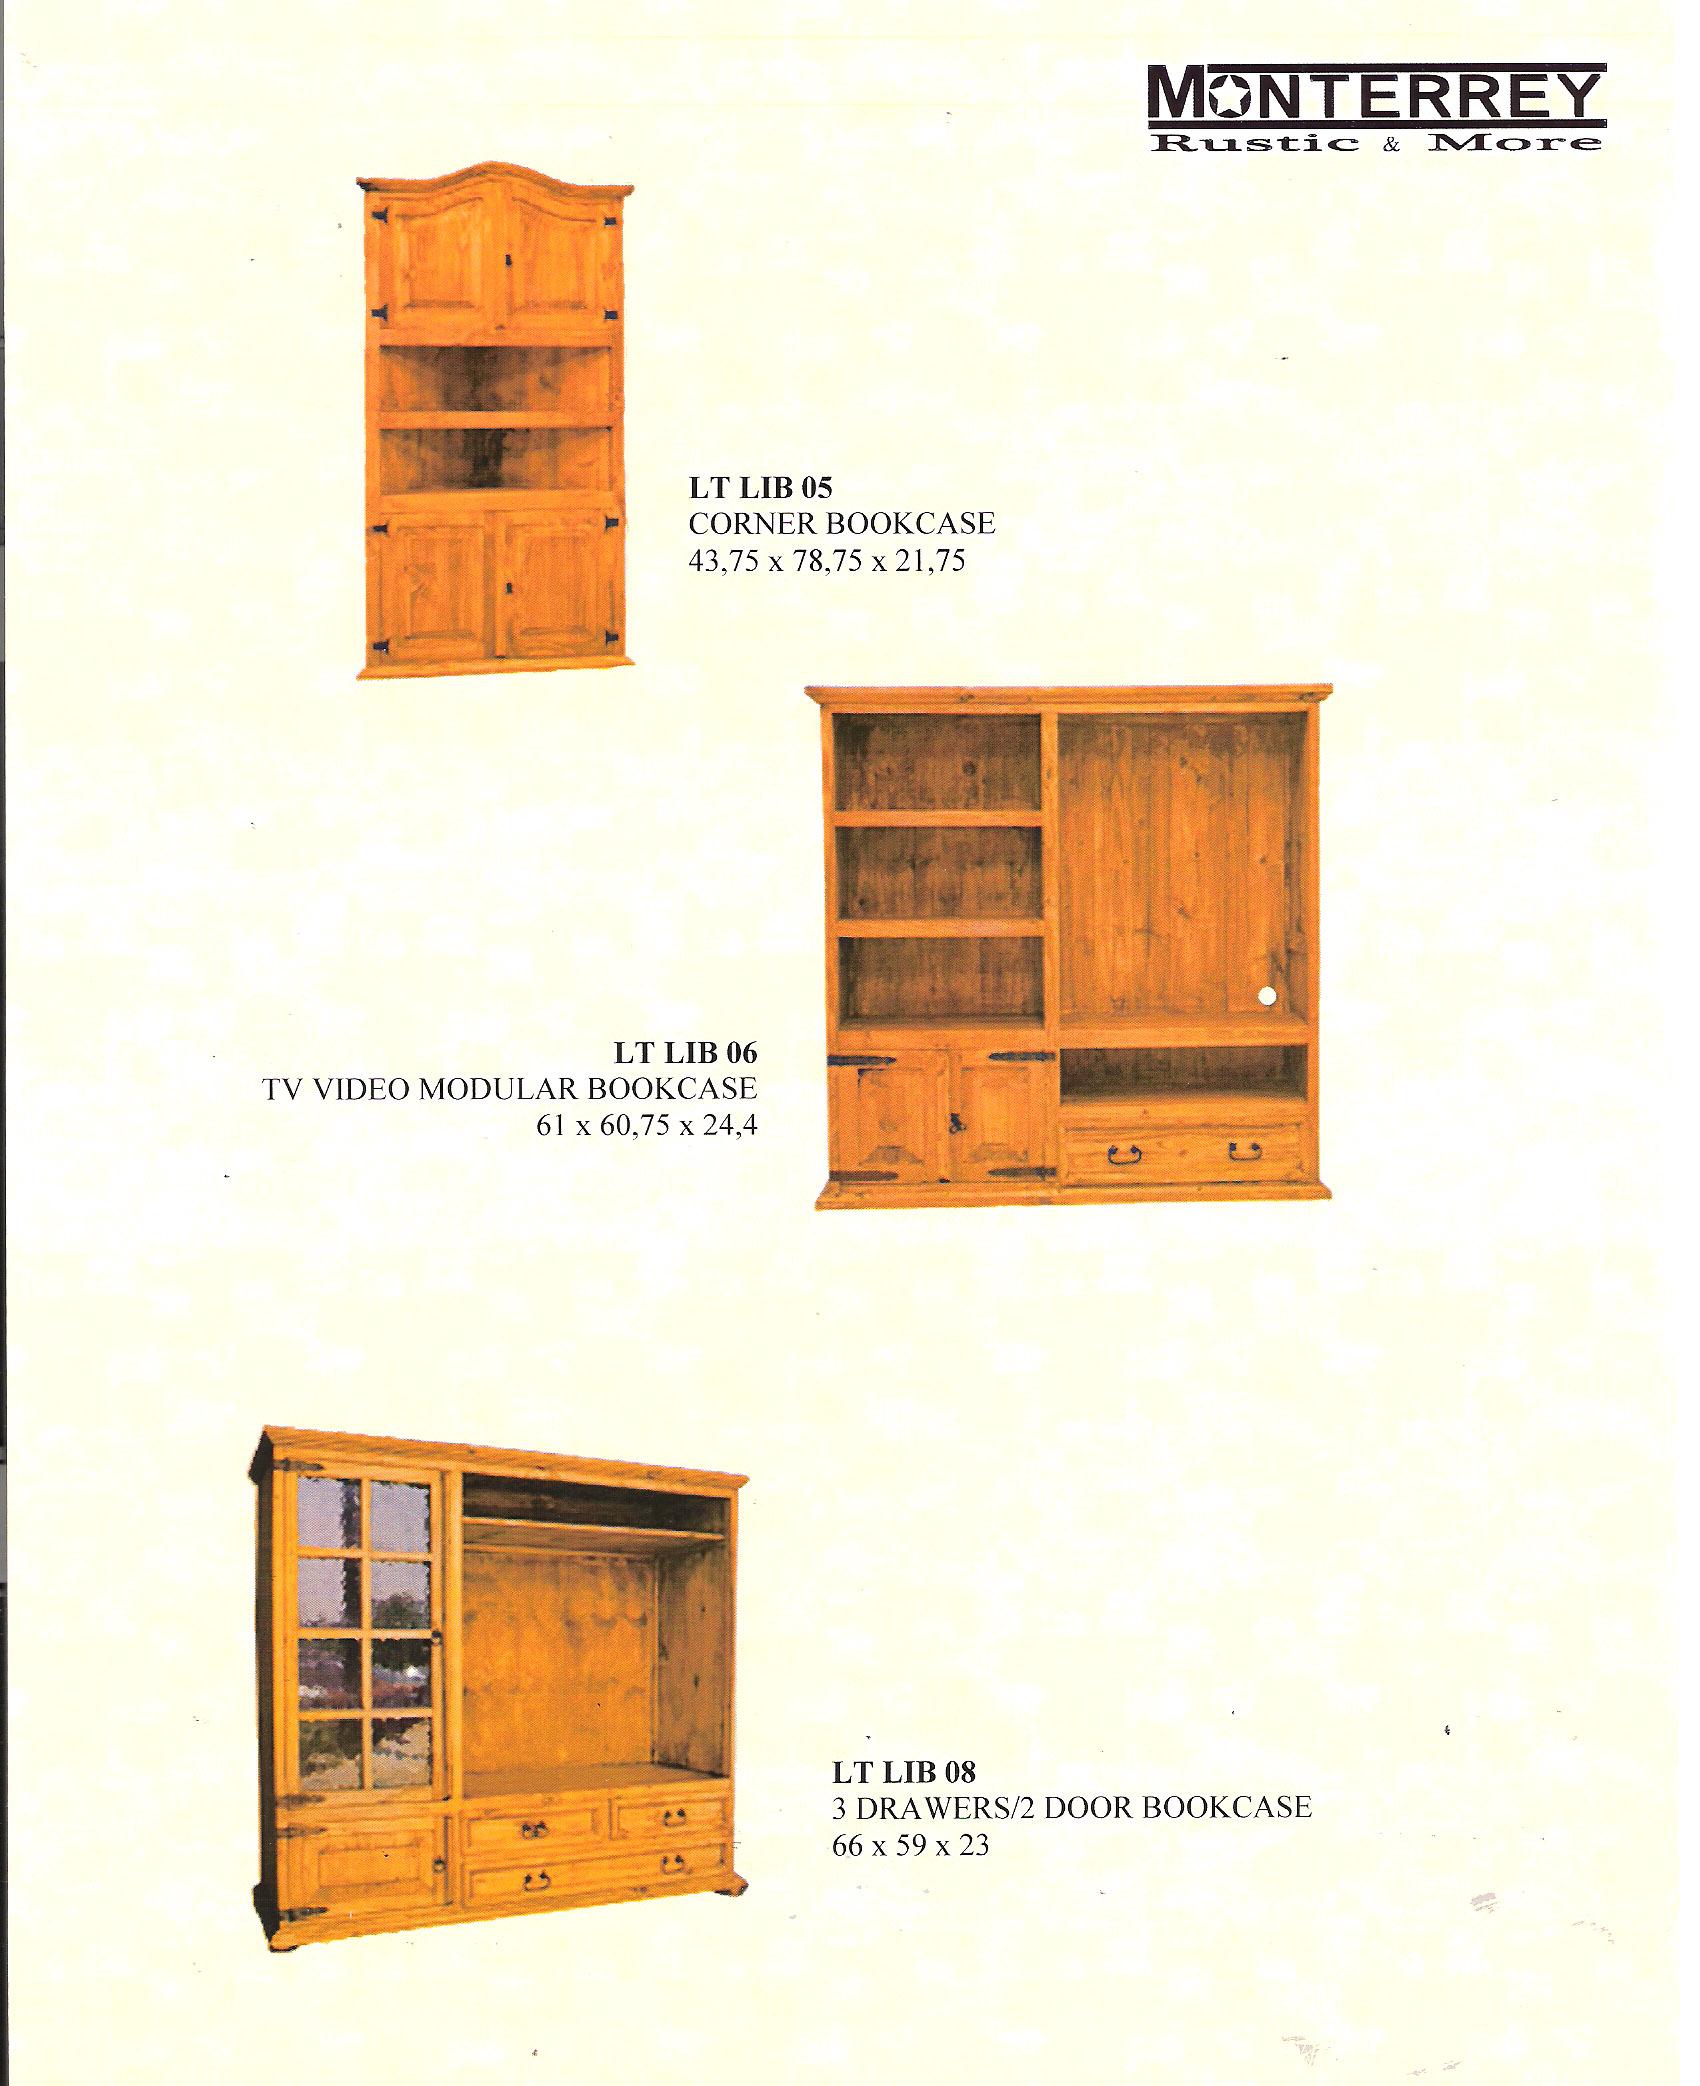 Tv Bookcases Monterrey Rustic Furniture